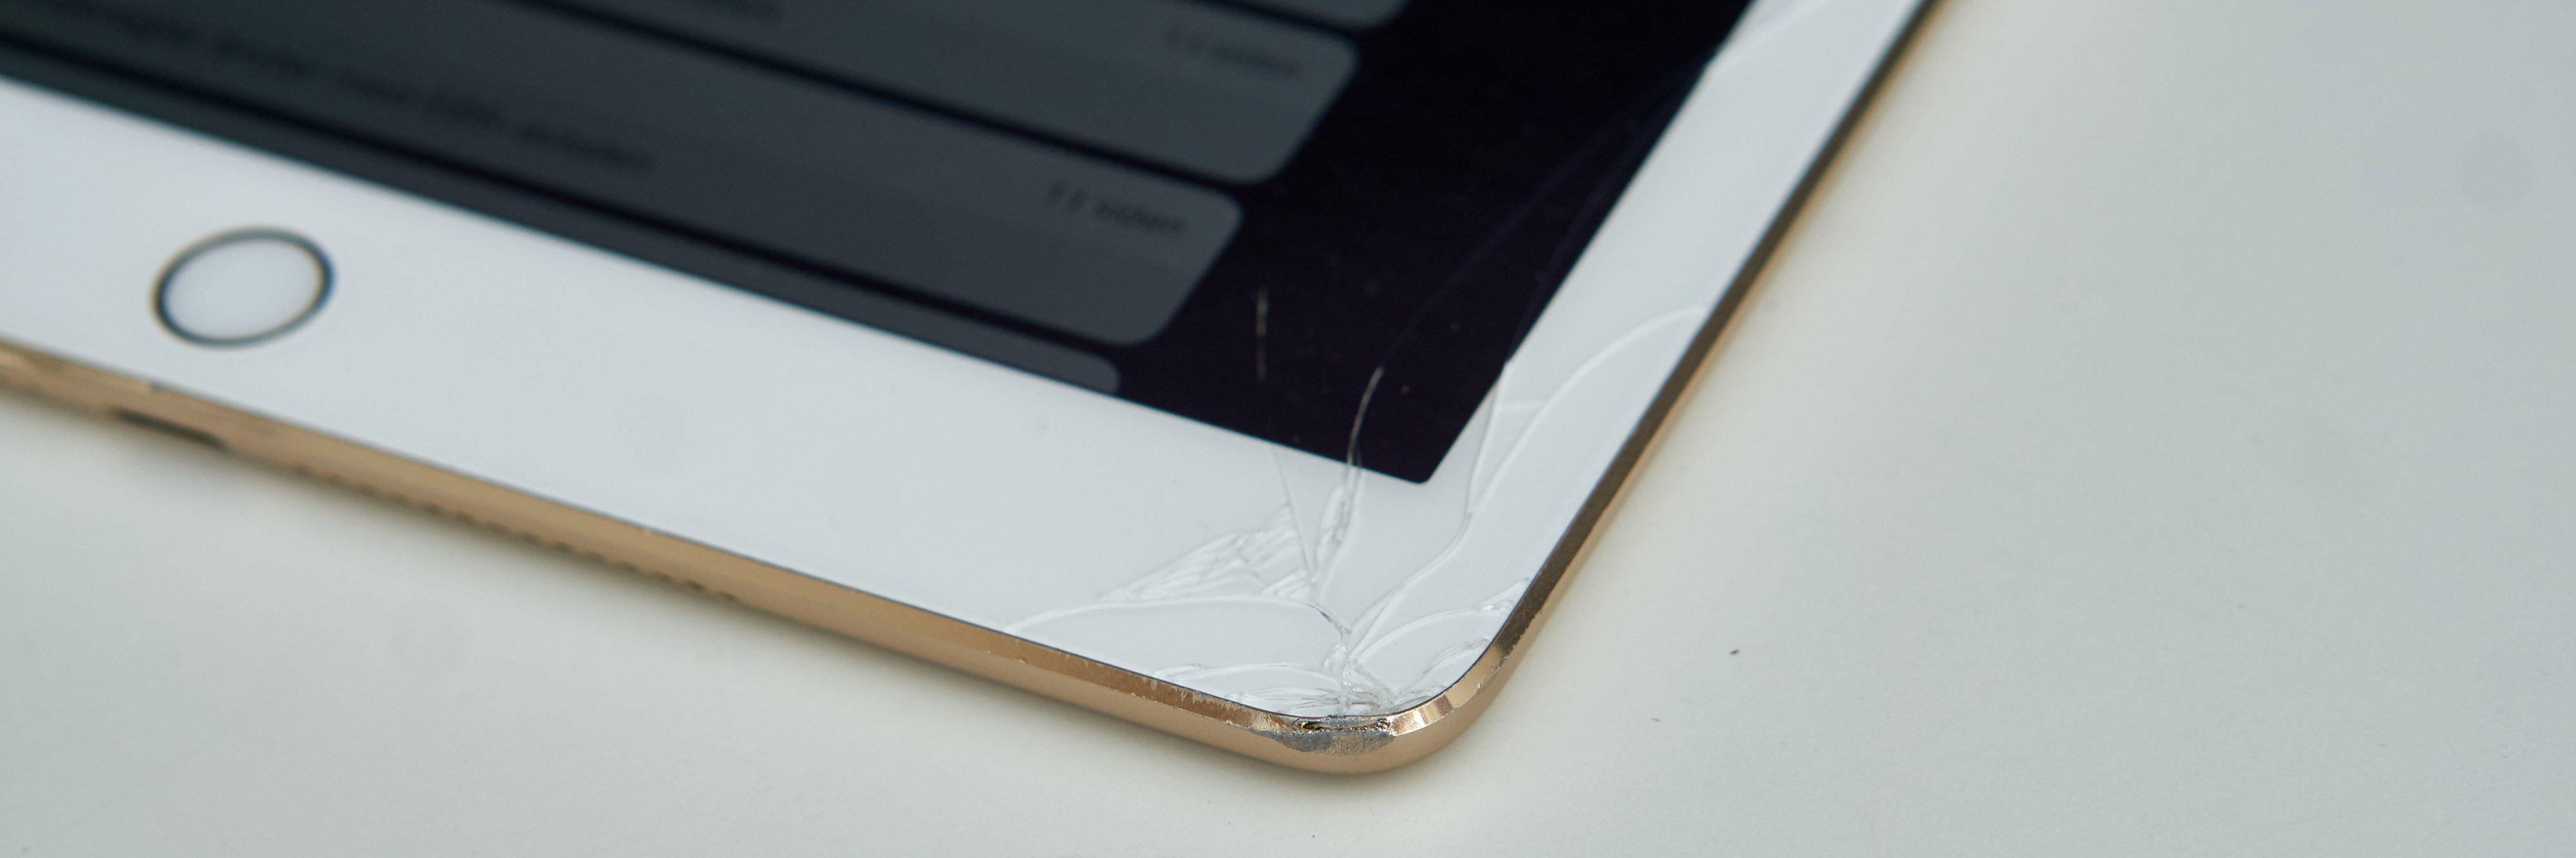 Her hadde iPad-en falt i gulvet og knust.